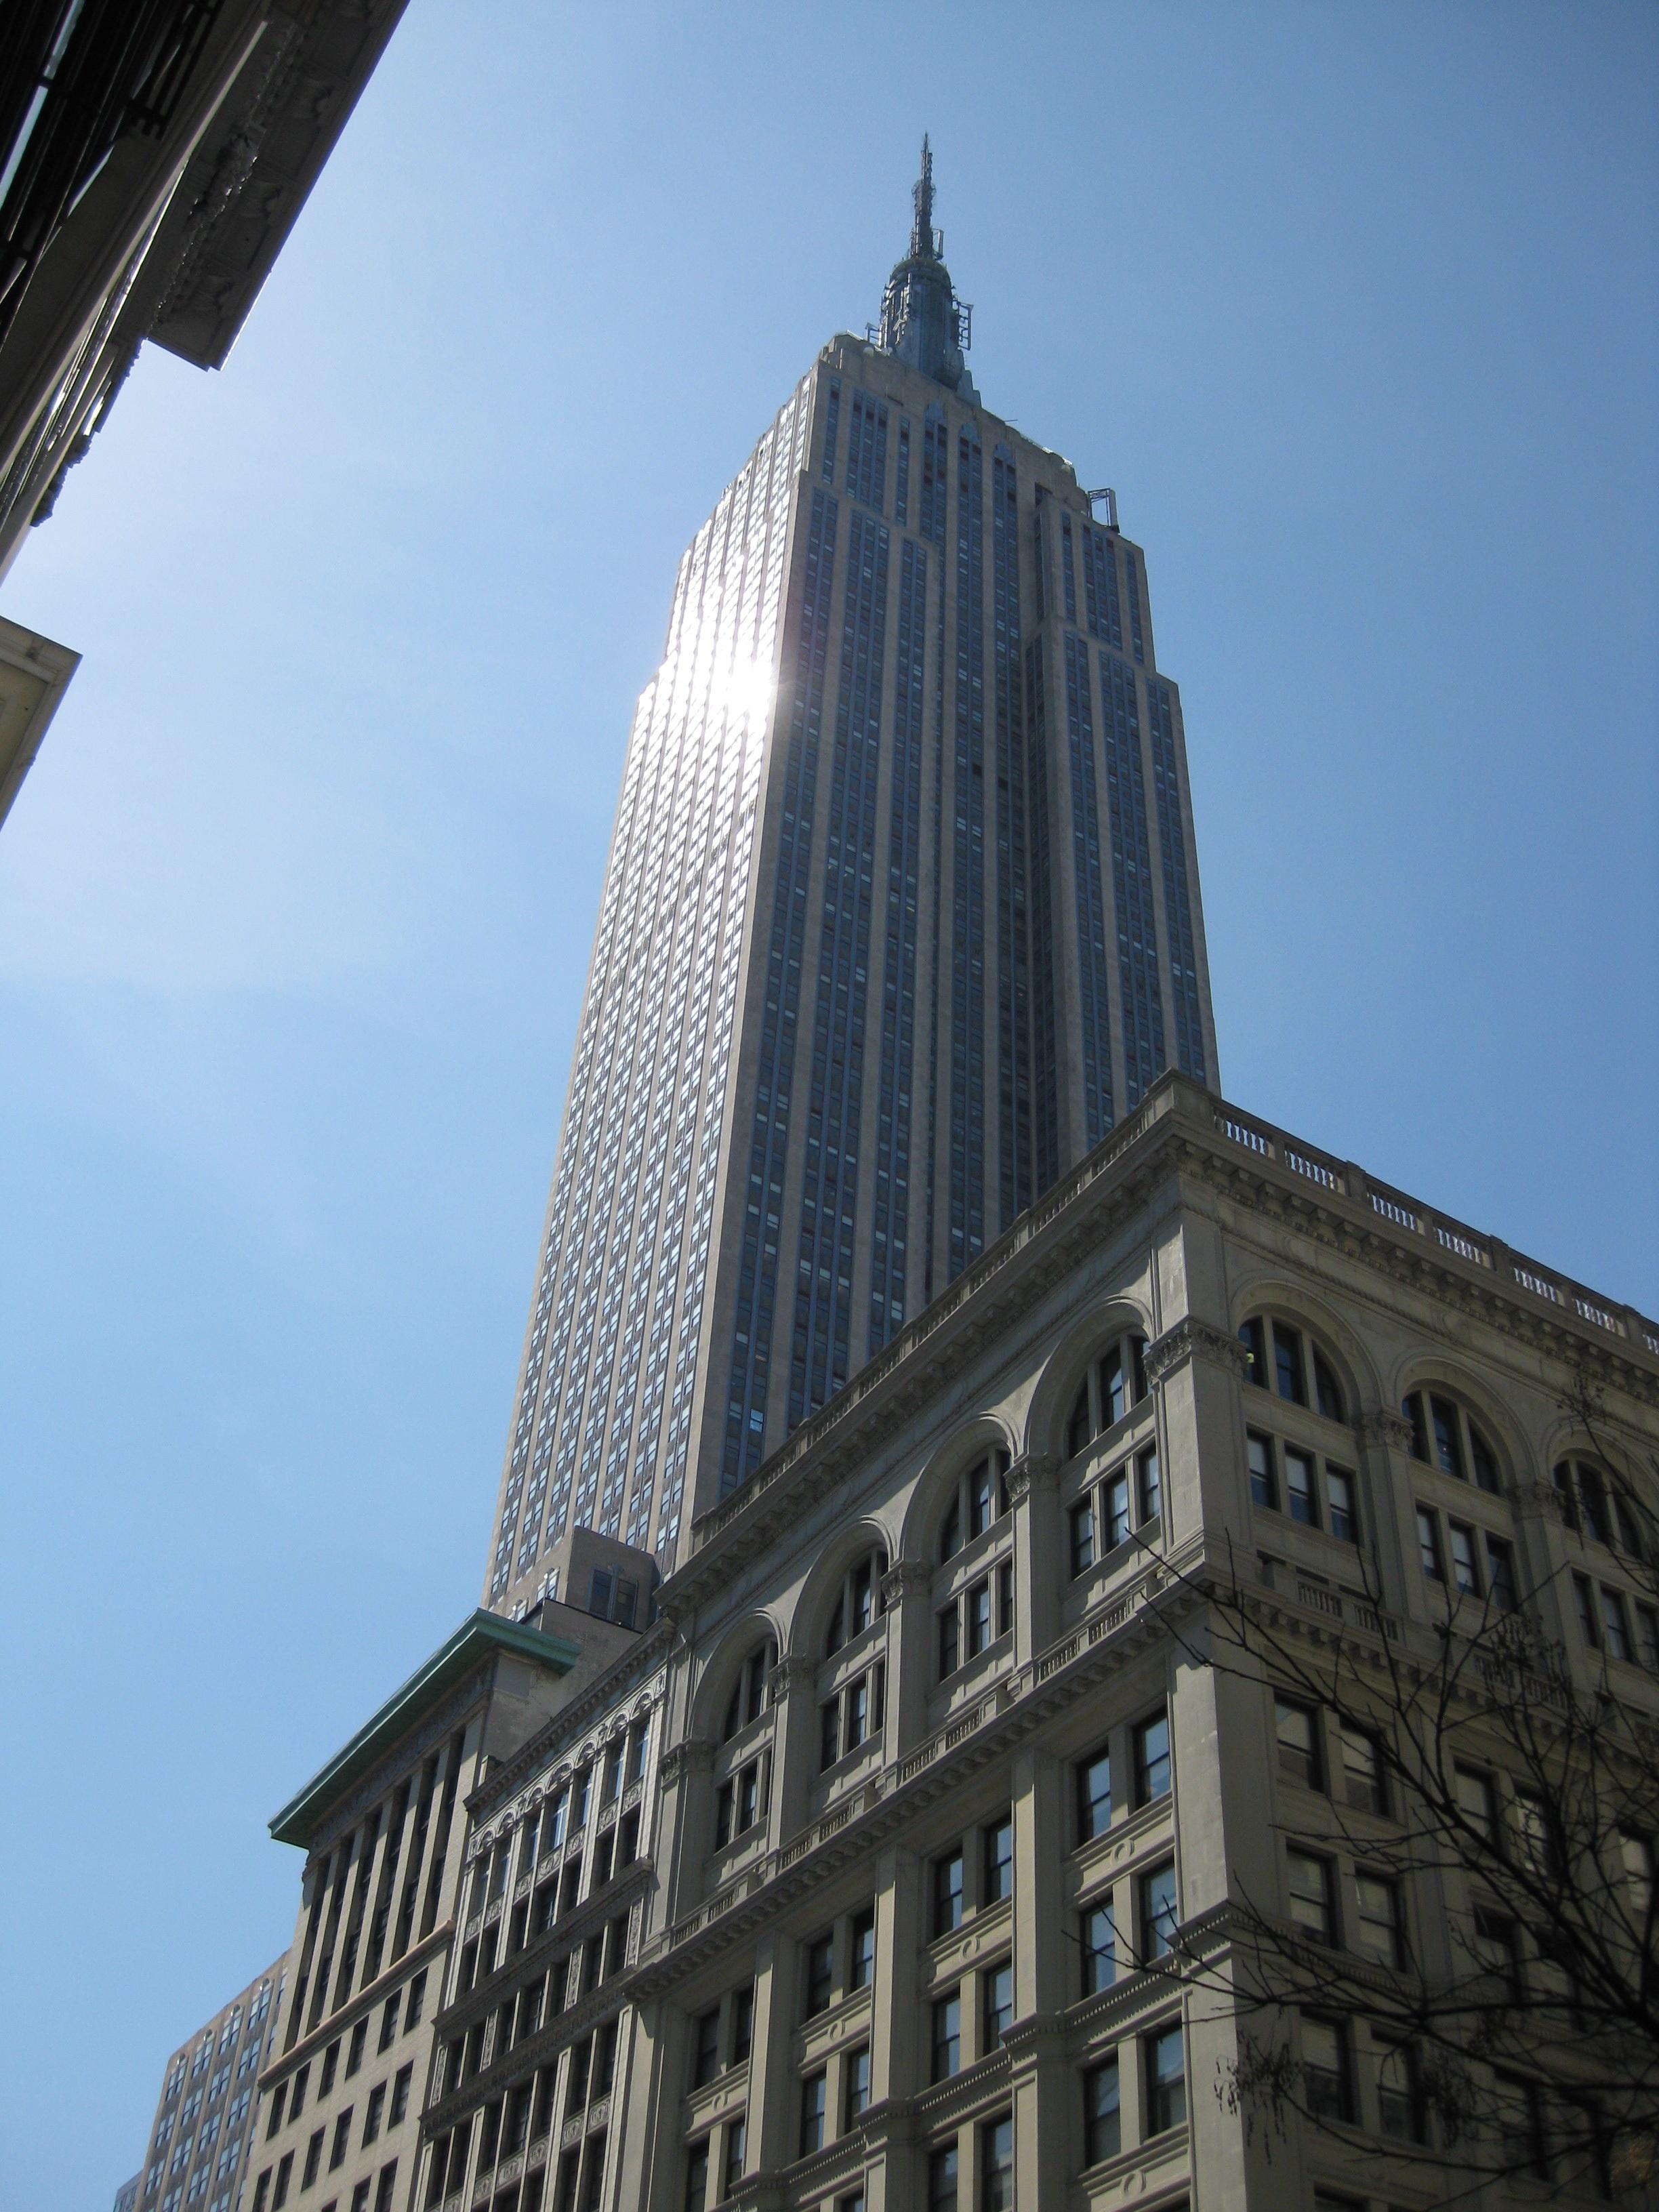 edificio ciudad rascacielos nueva york manhattan nueva york paisaje urbano centro de la ciudad torre